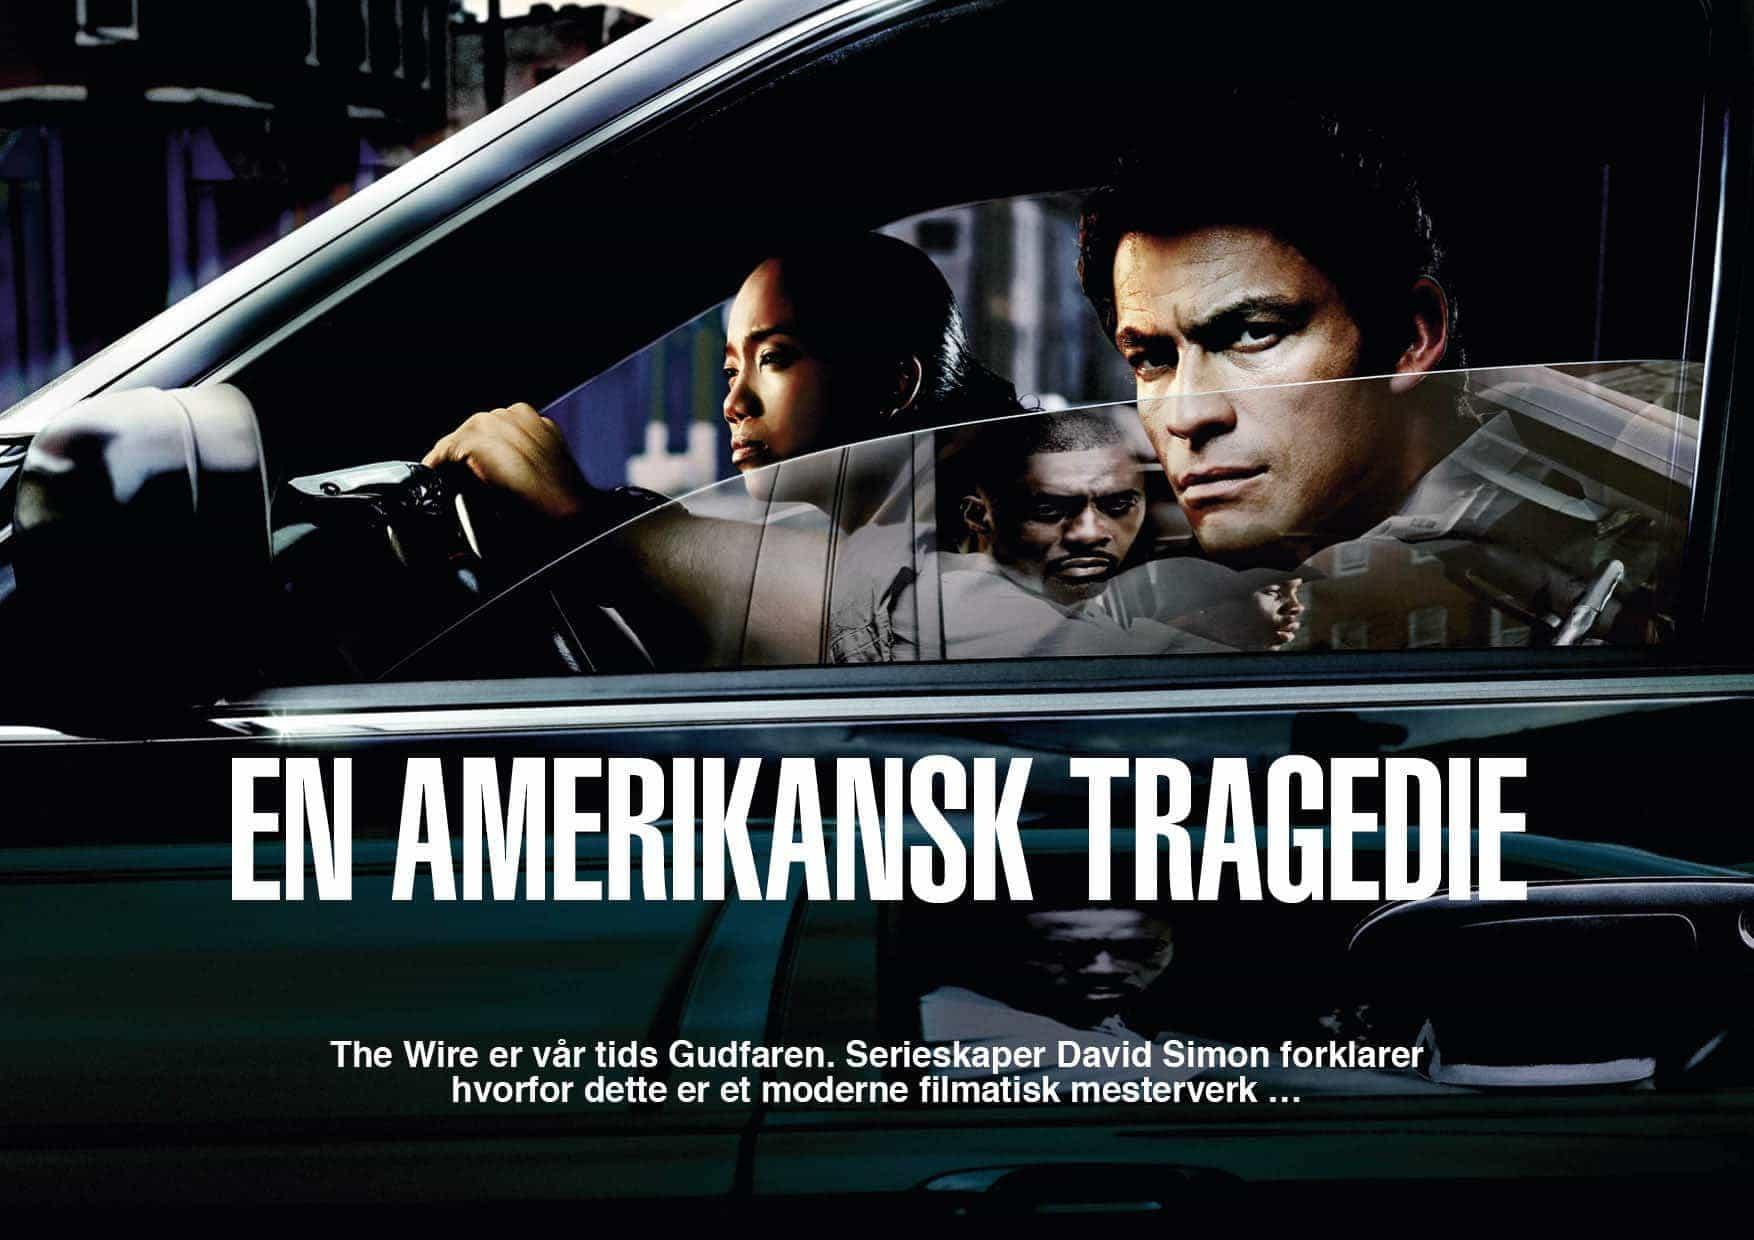 En amerikansk tragedie